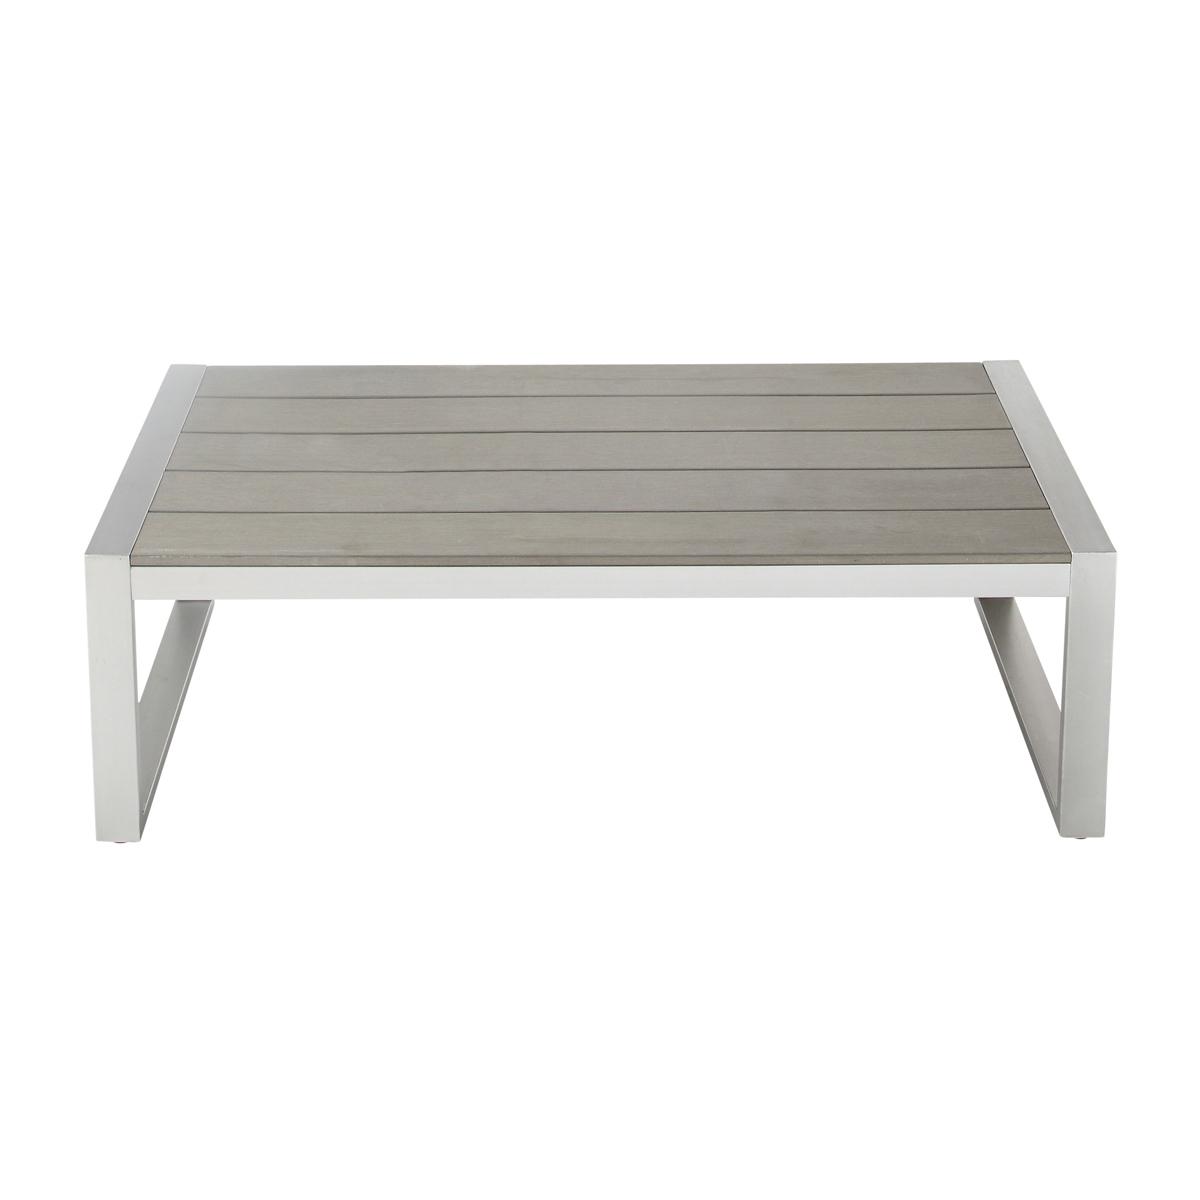 De Basse Ikea De Table Table Jardin Basse Nm08Nw serapportantà Table Basse De Jardin Ikea